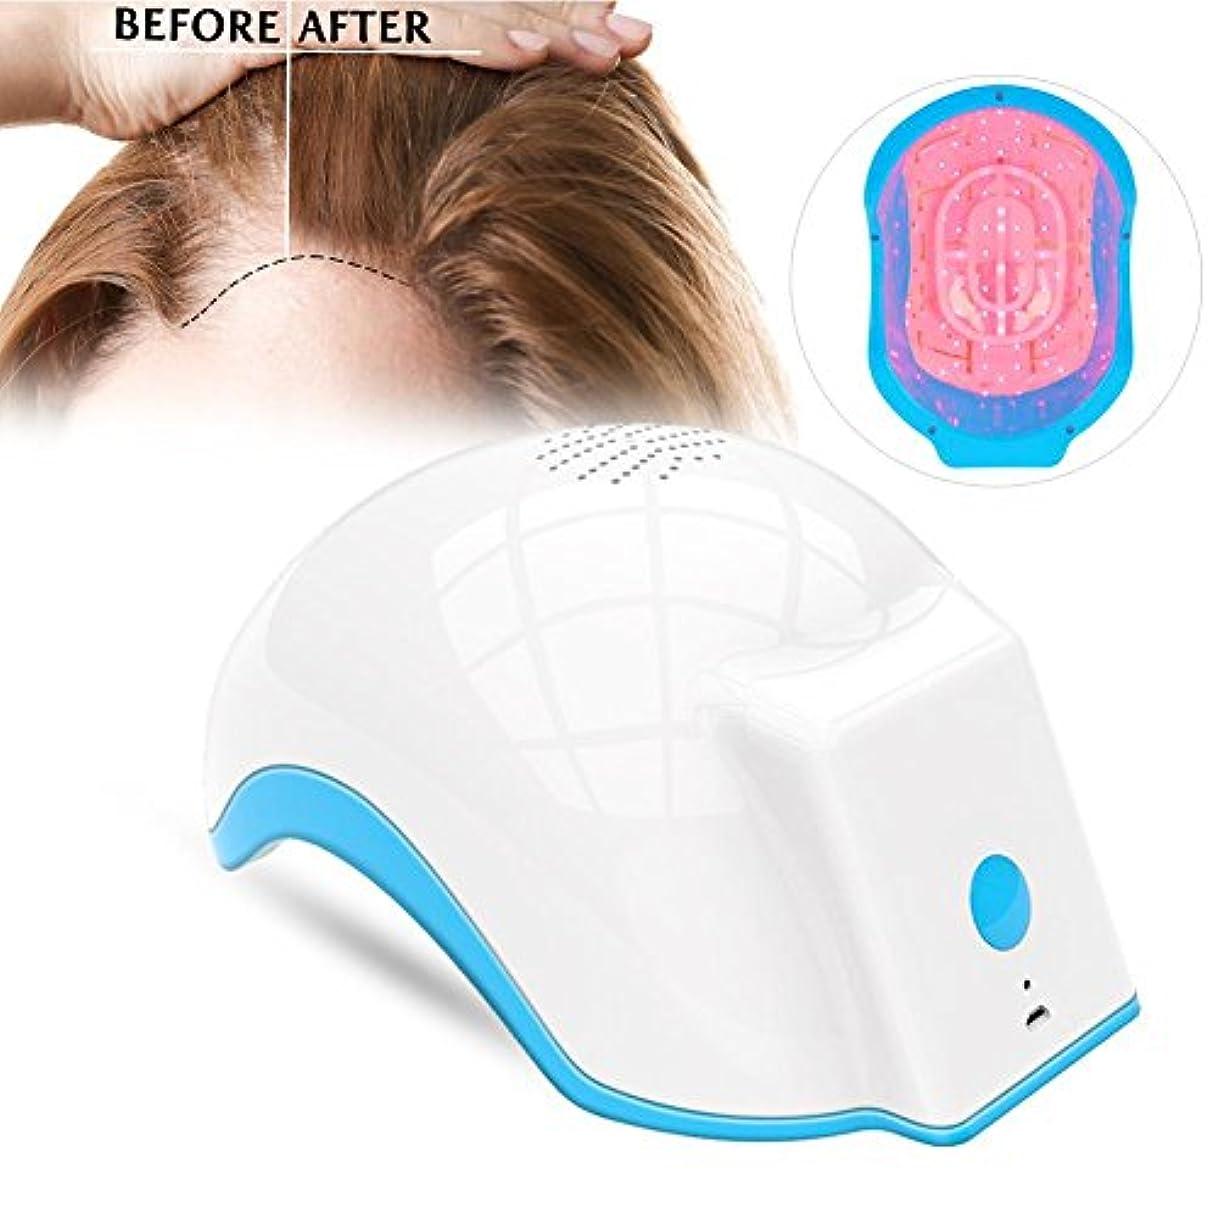 ミニチュアフルーツ慎重に育毛ヘルメット 抜け毛対策 再生脱毛症 キャップヘルメットマッサージ機器(1)